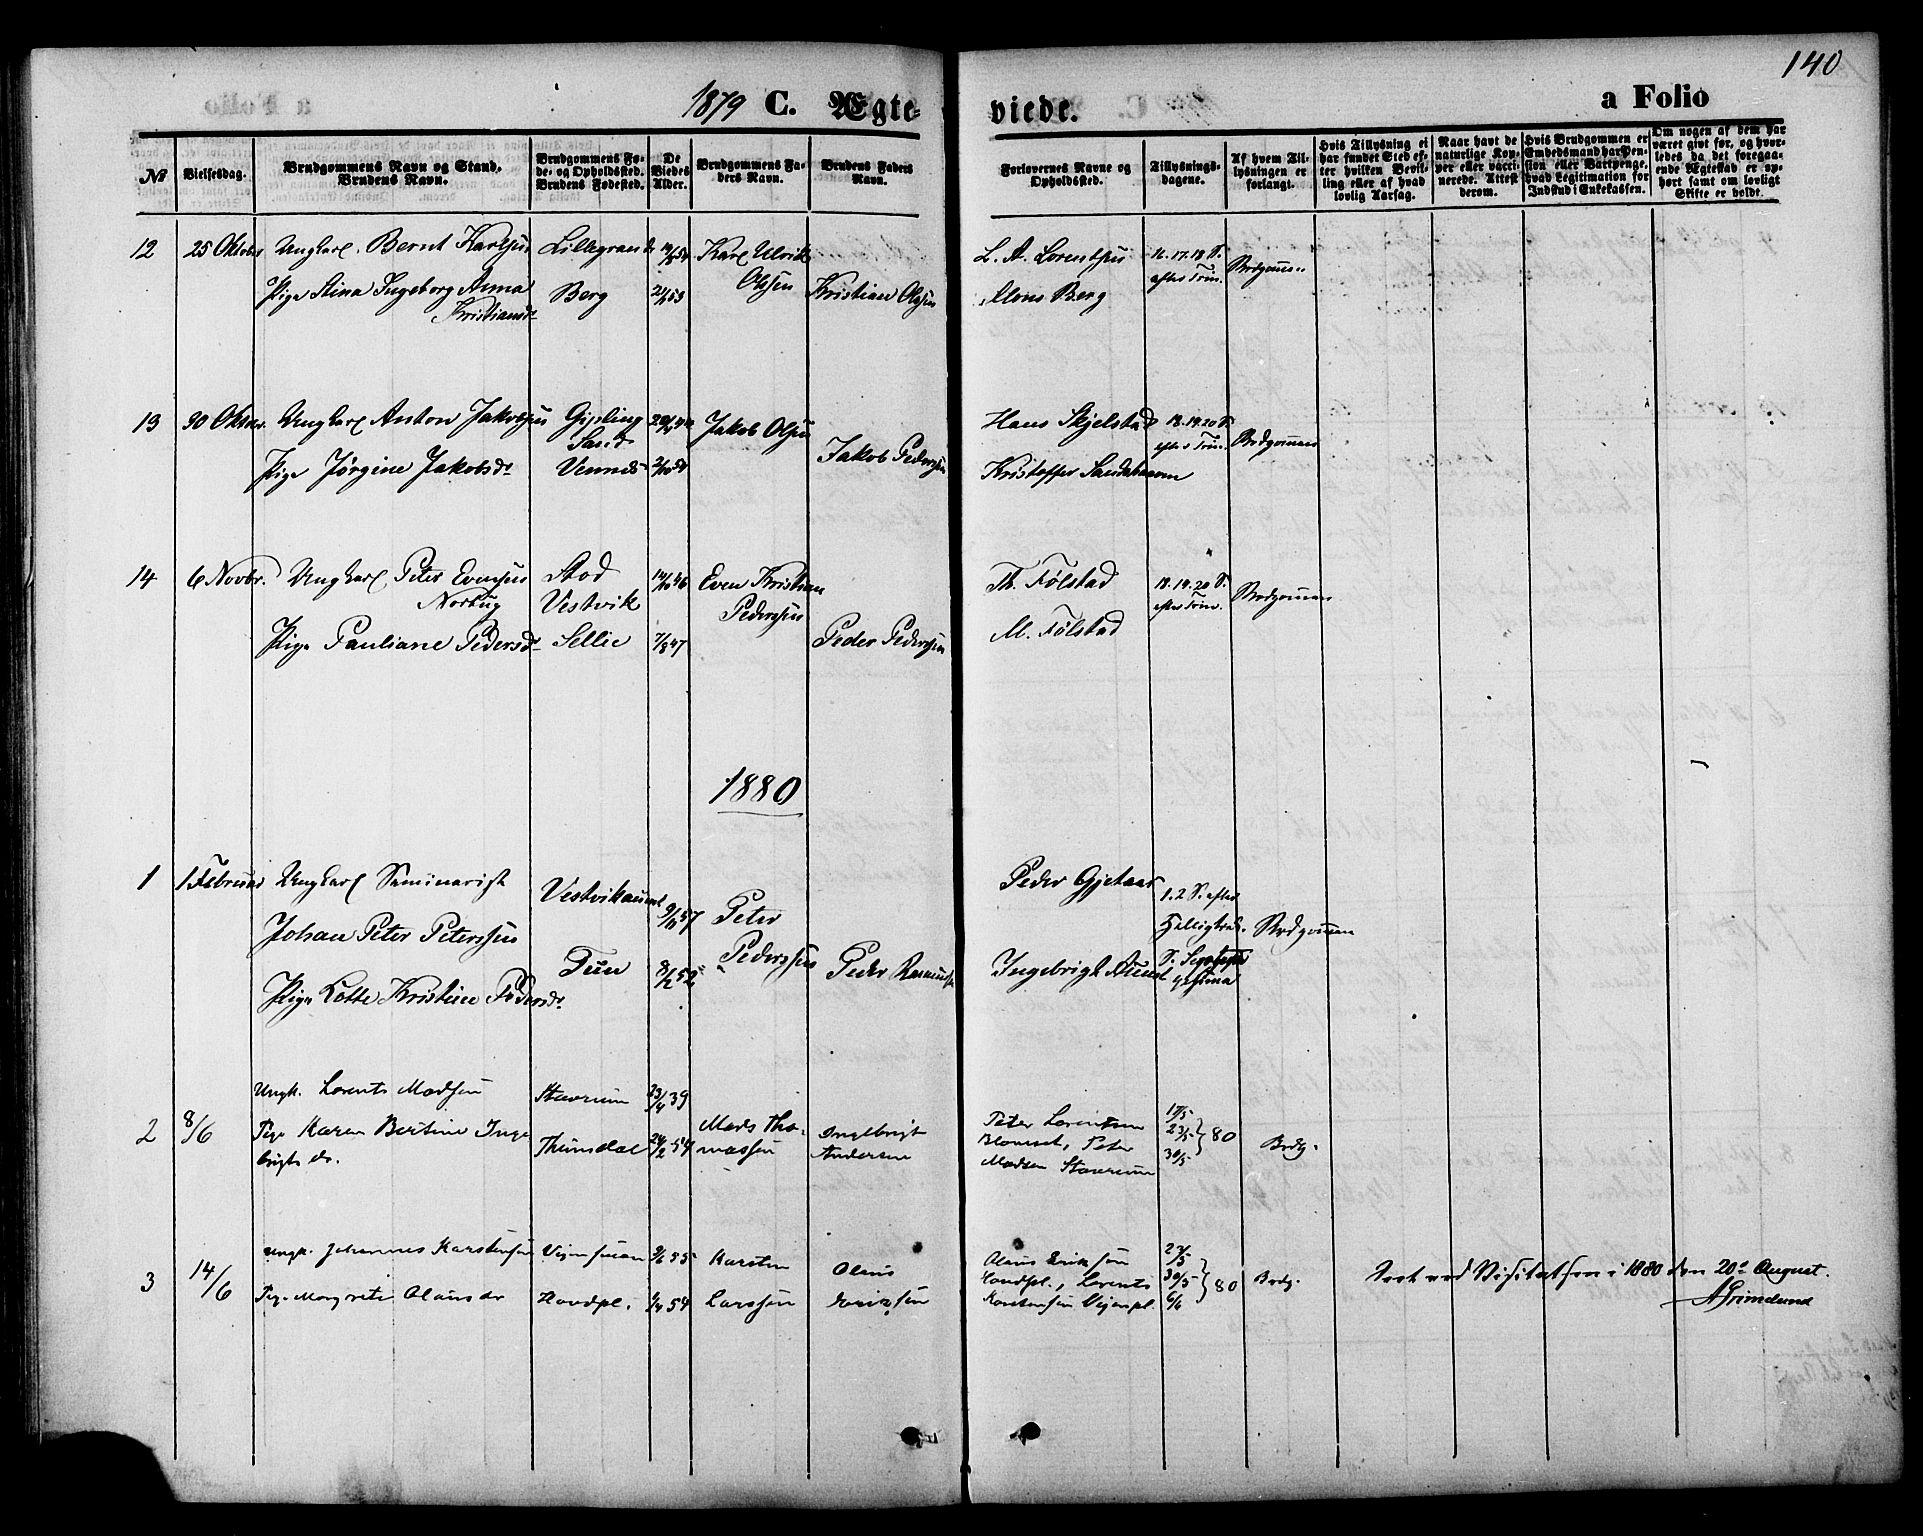 SAT, Ministerialprotokoller, klokkerbøker og fødselsregistre - Nord-Trøndelag, 744/L0419: Ministerialbok nr. 744A03, 1867-1881, s. 140